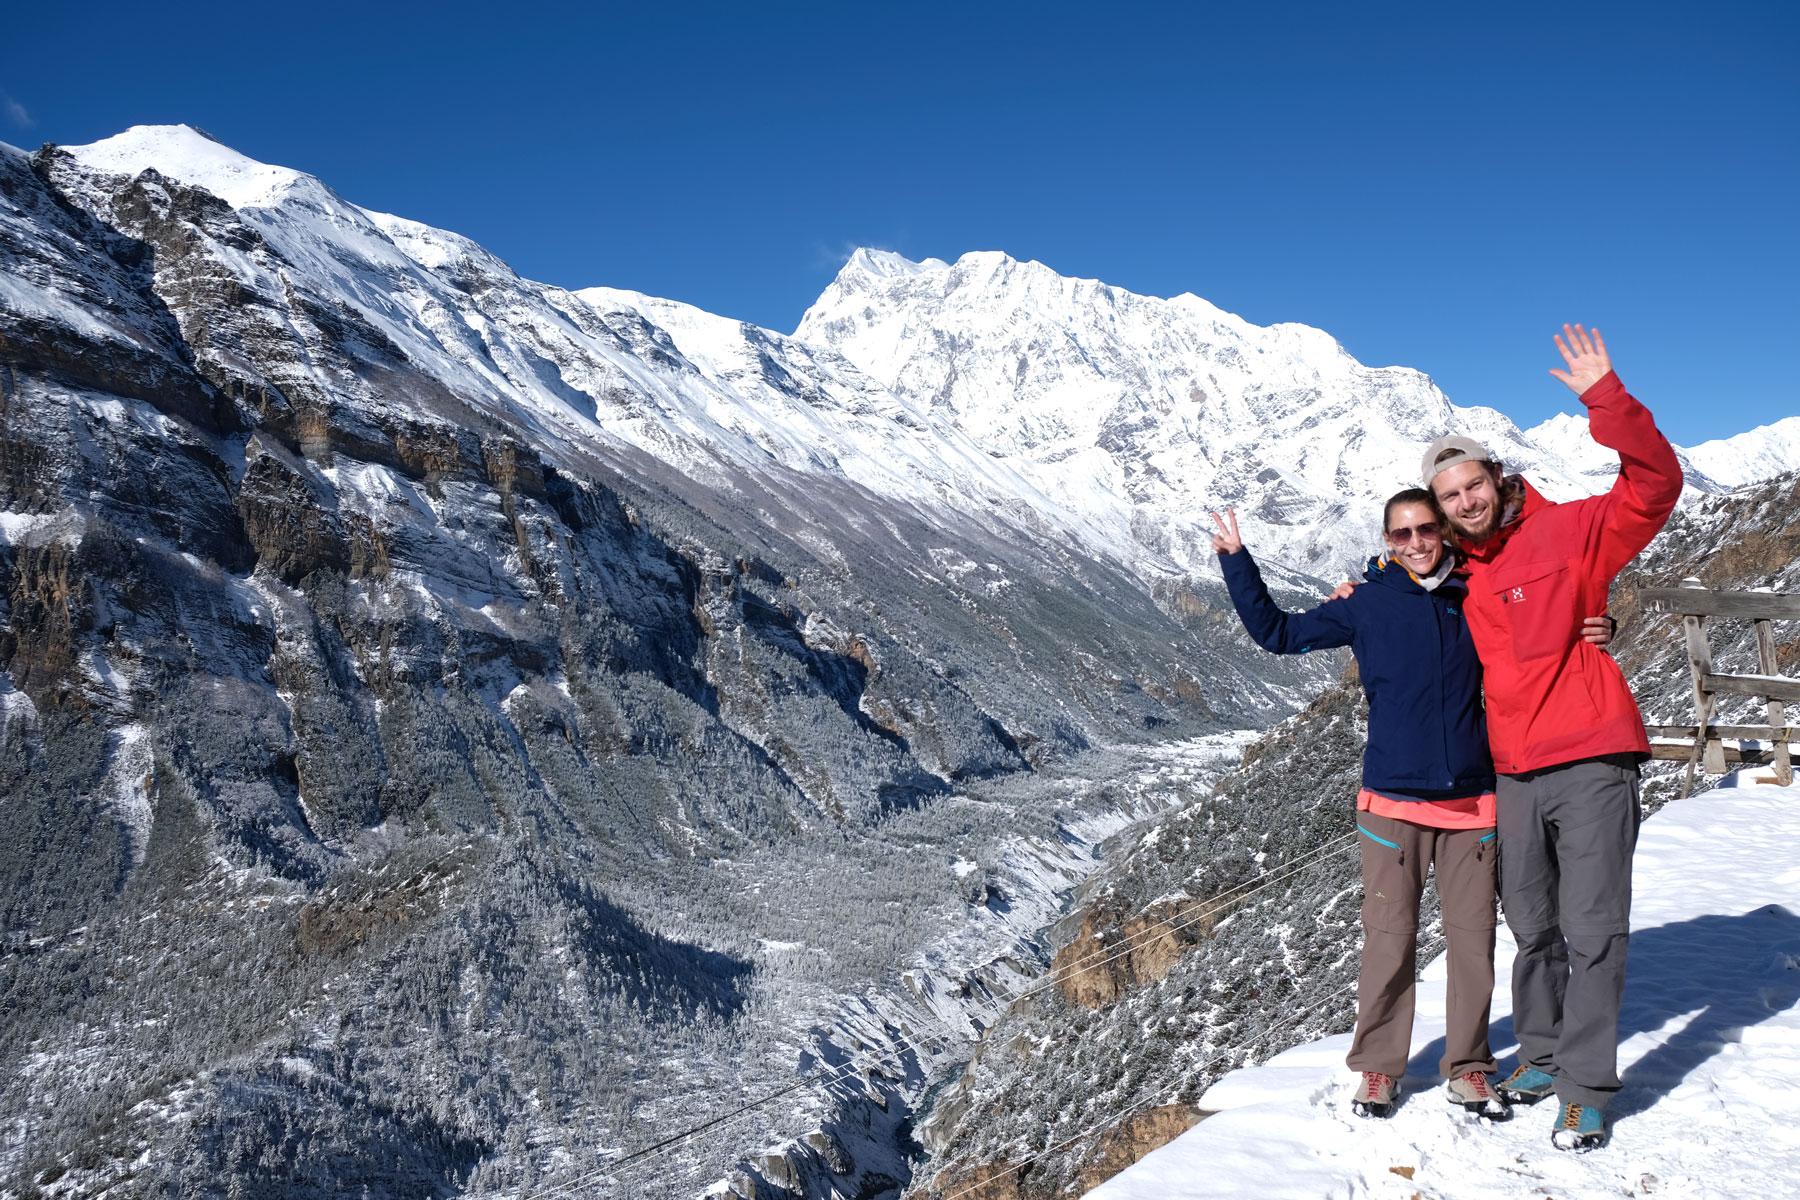 Leo uns Sebastian vor den verschneiten Bergen des Annapurna-Gebirges.